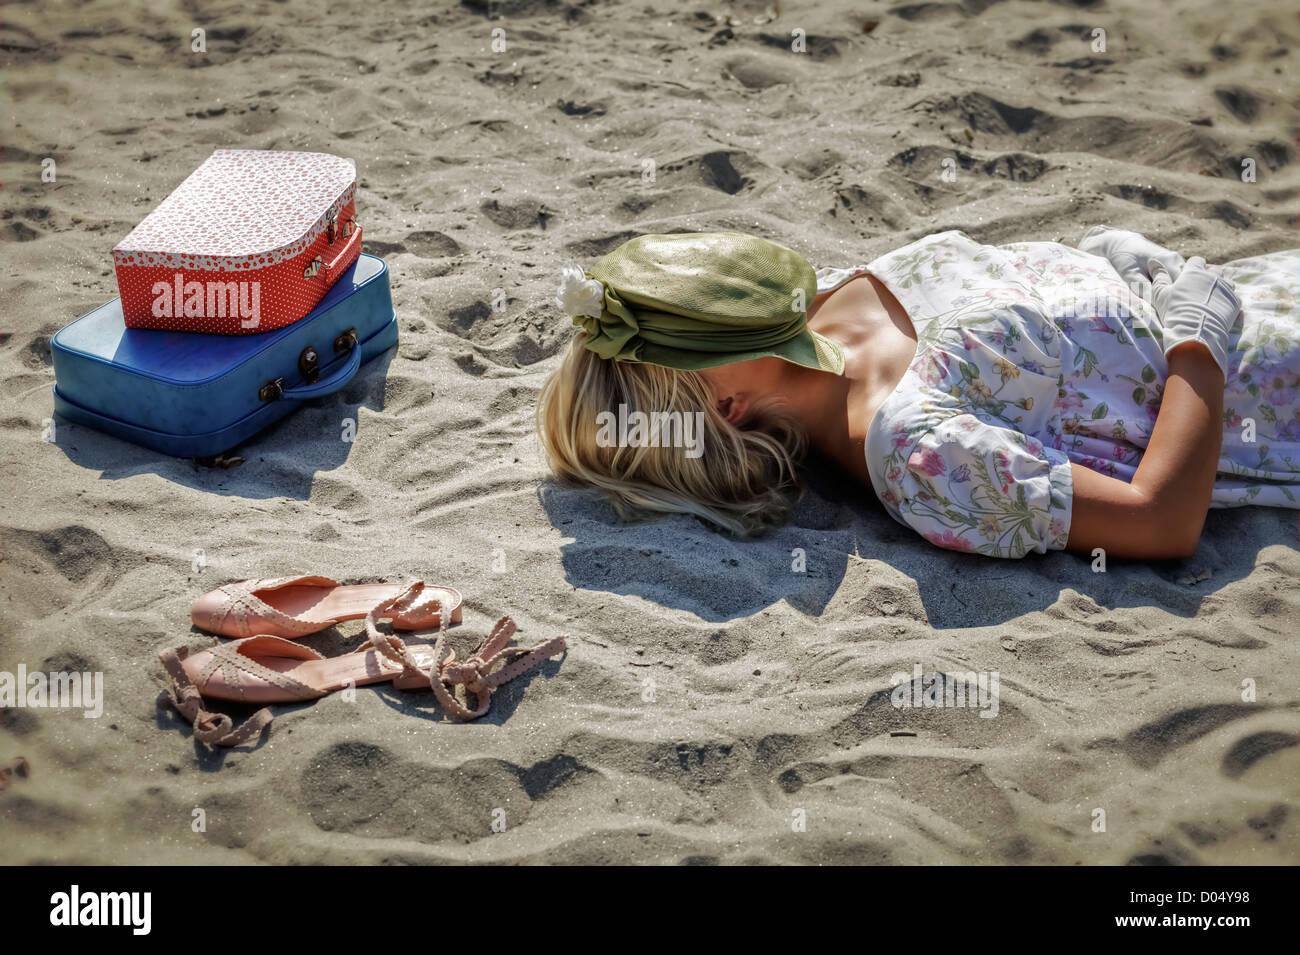 Una mujer en un vestido floral está tumbado en una playa al lado de sus zapatos y dos maletas vintage Imagen De Stock